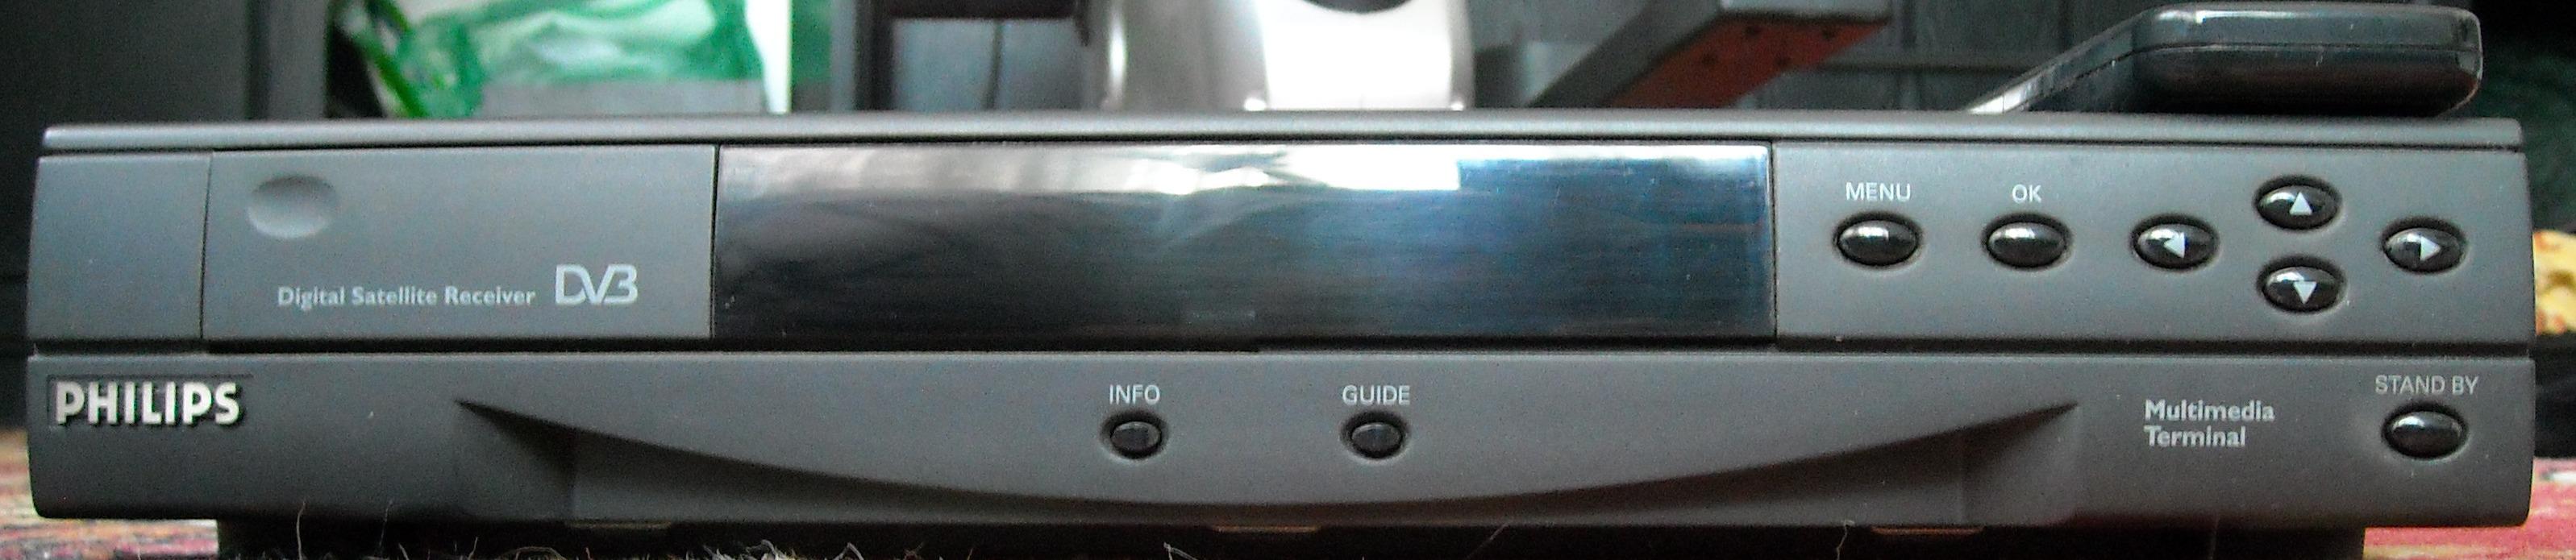 [Sprzedam] Dekoder Philips DSB 3010 Cyfra + wraz z pilotem